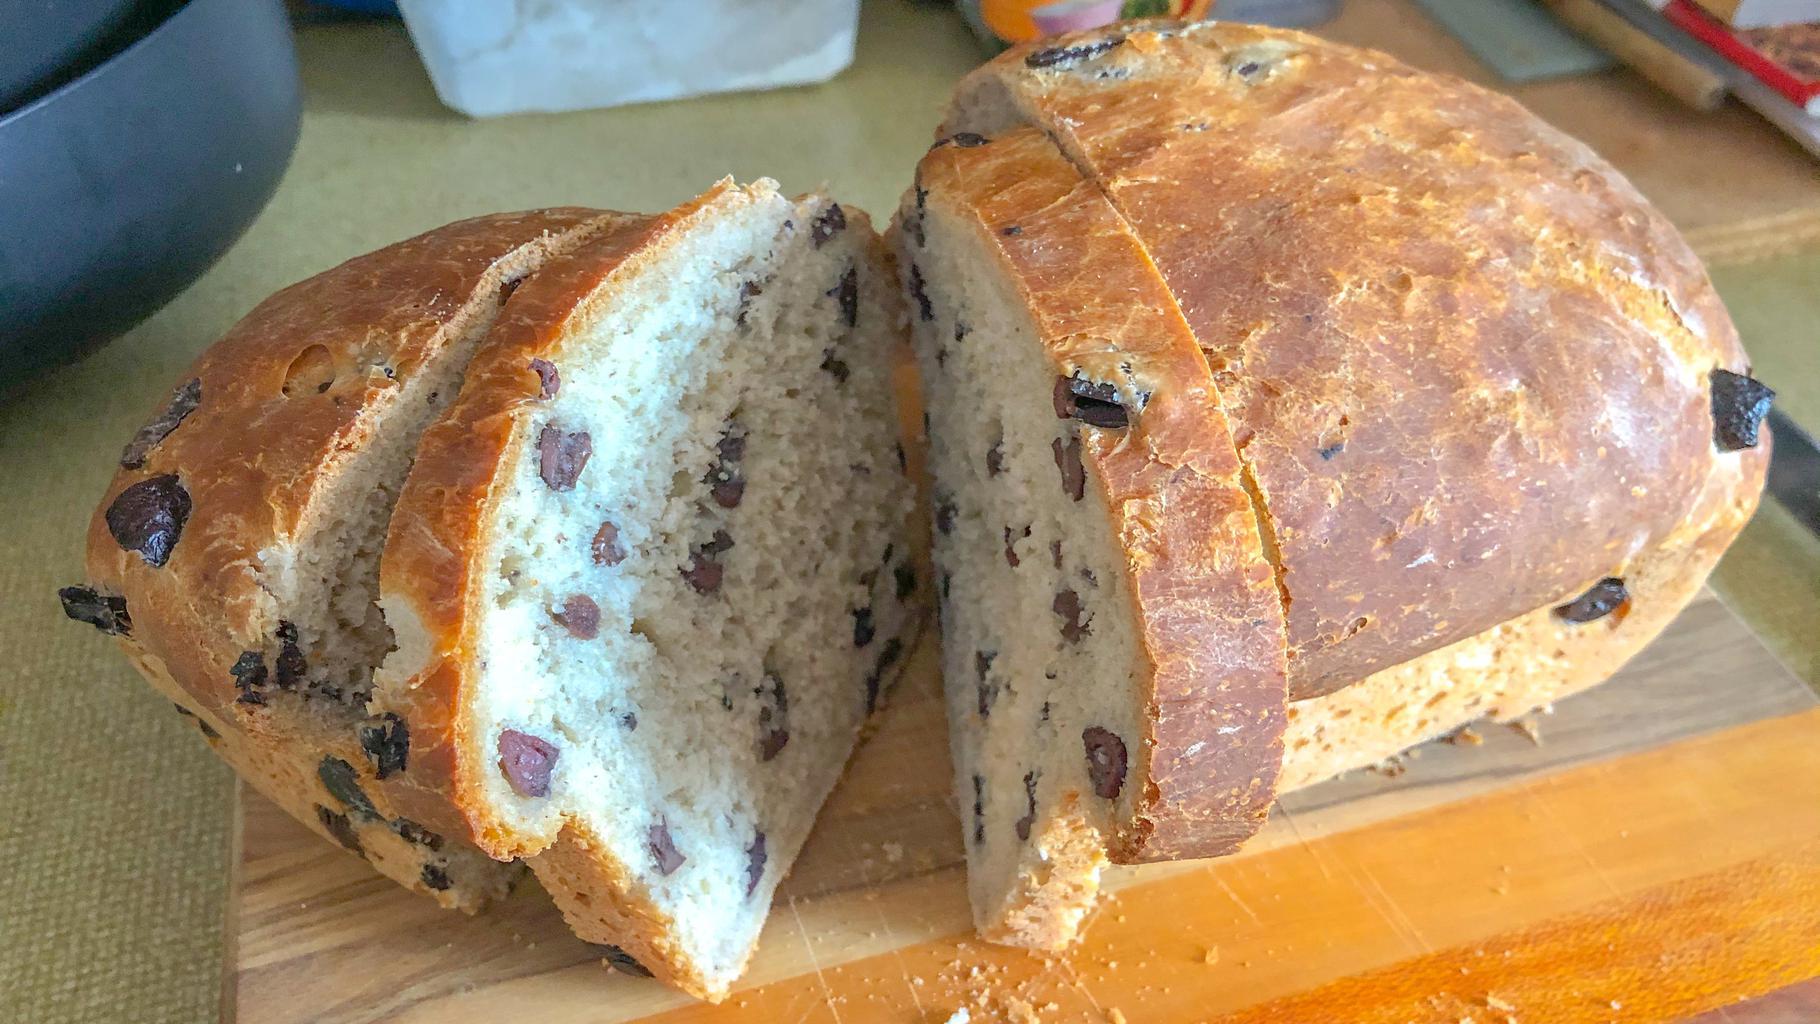 Olive loafed